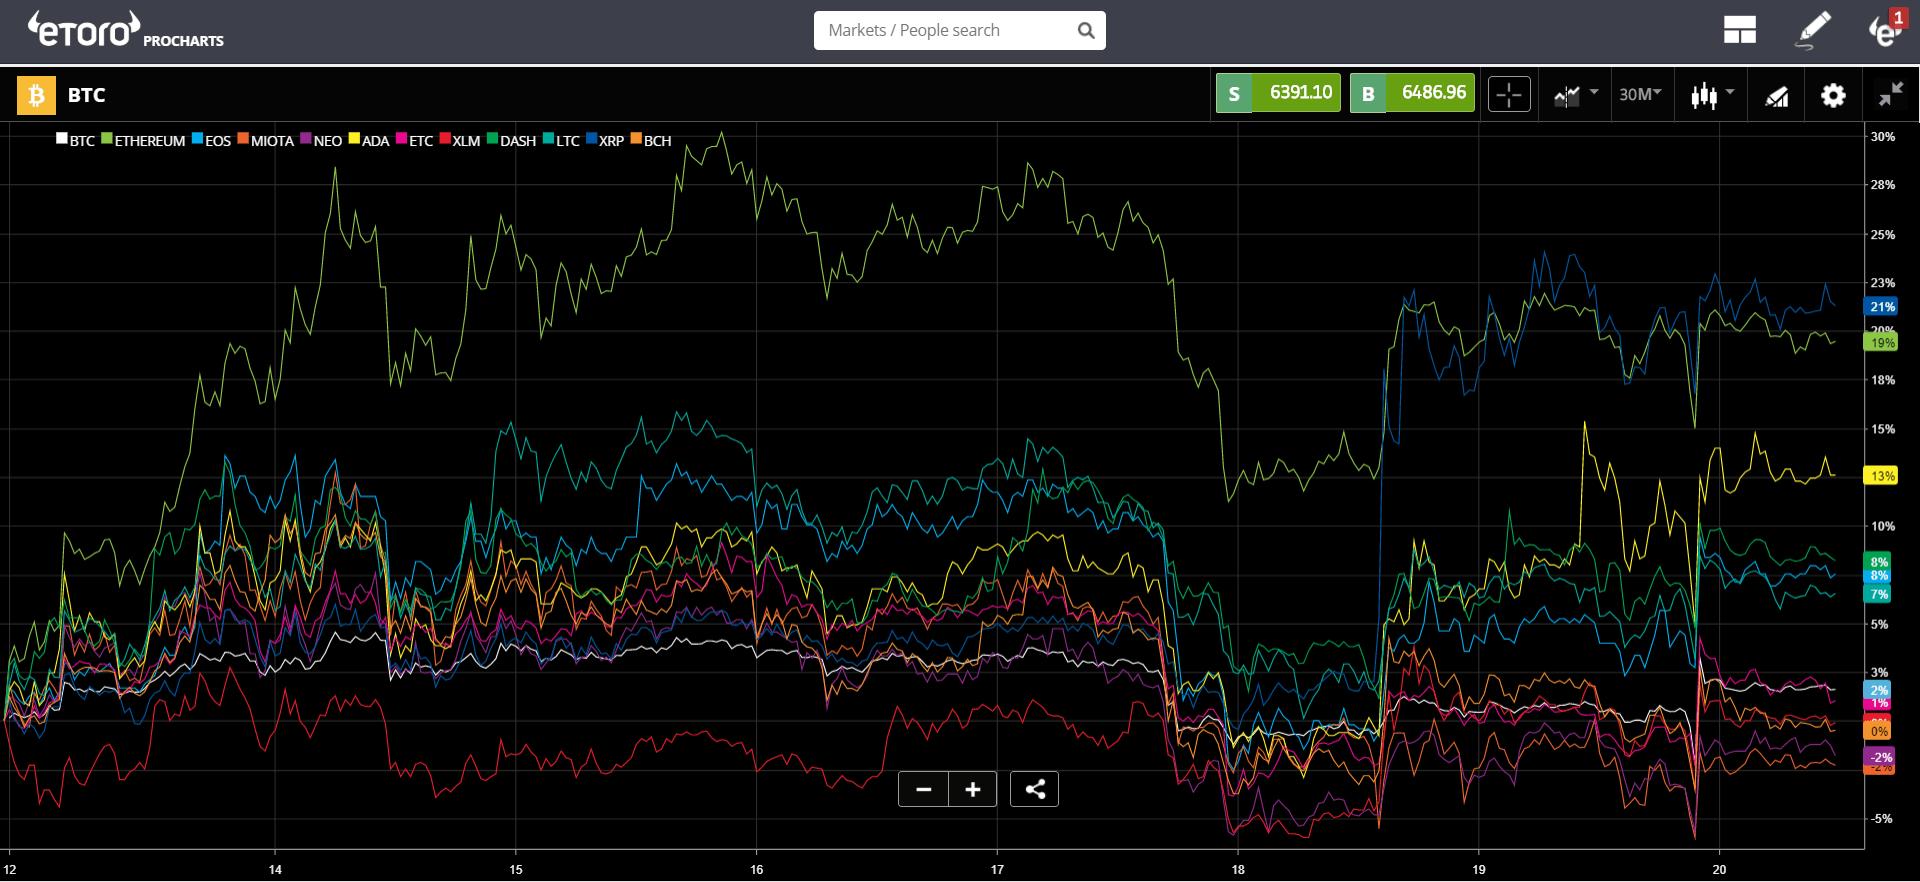 cannabis, crypto, trading, markets, market, marijuana